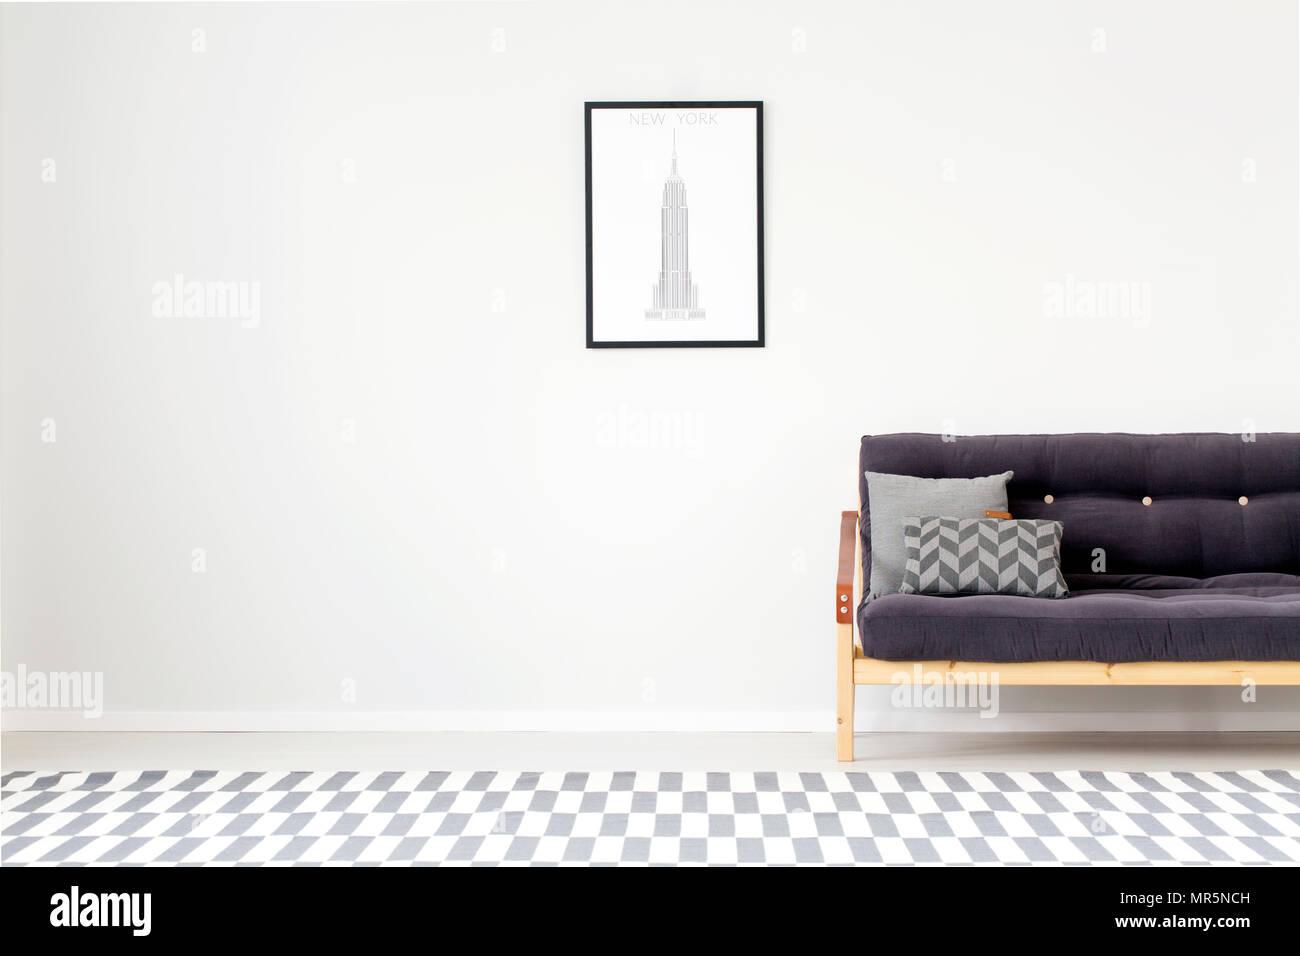 Divano Nero Cuscini : Cuscini di colore grigio su legno nero divano contro una parete con